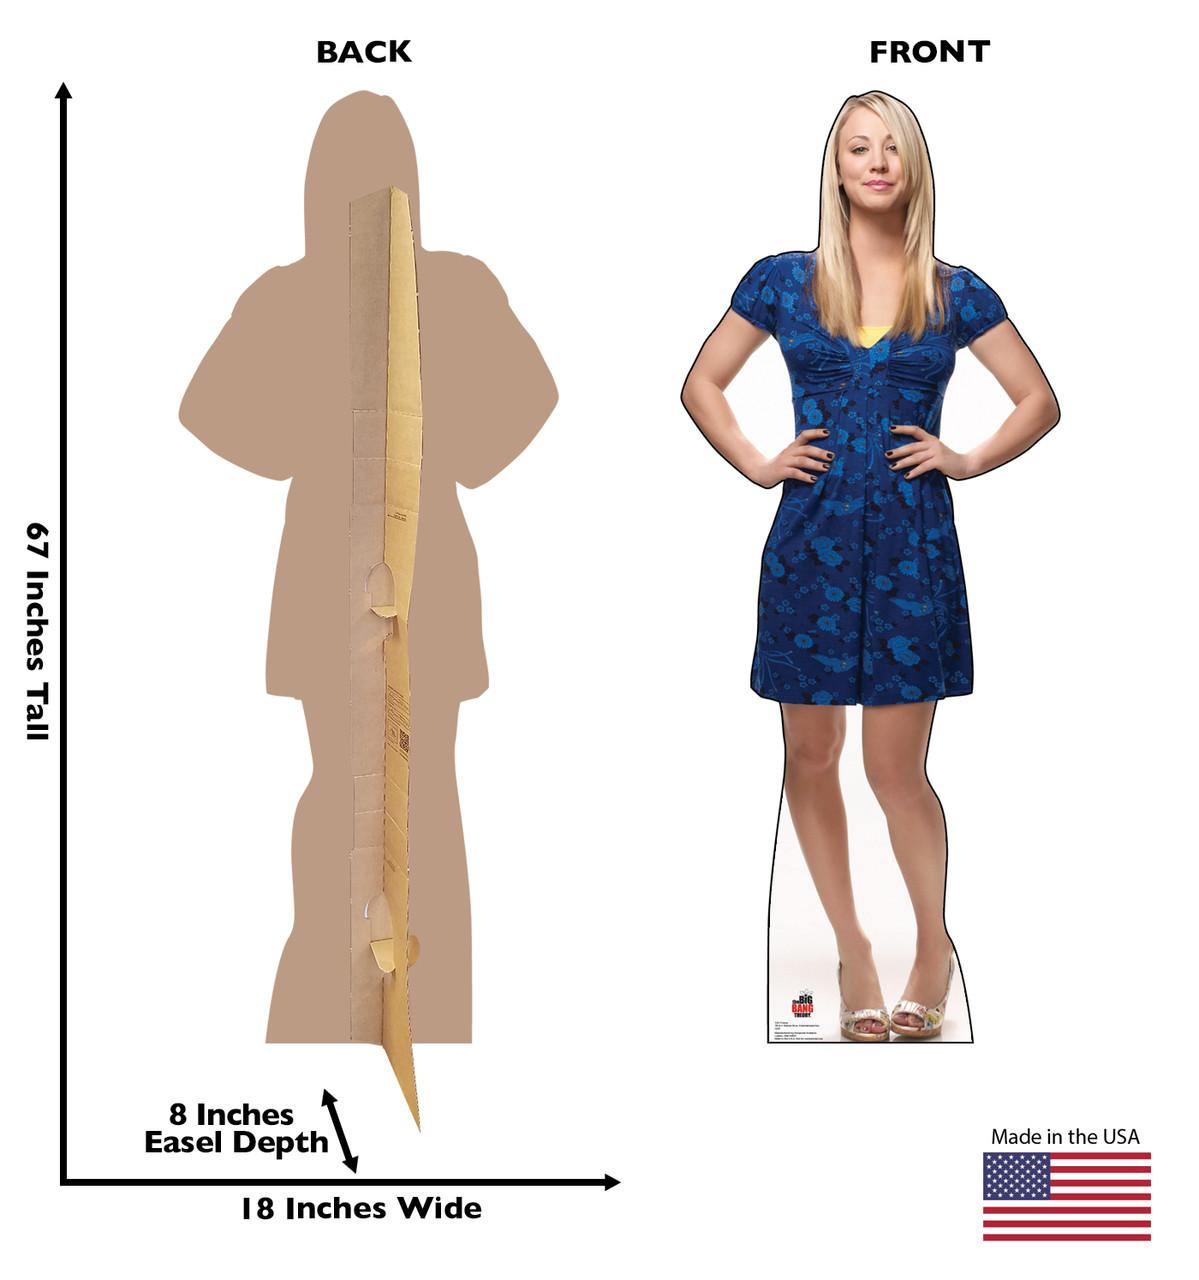 Penny - Big Bang Theory - Cardboard Cutout